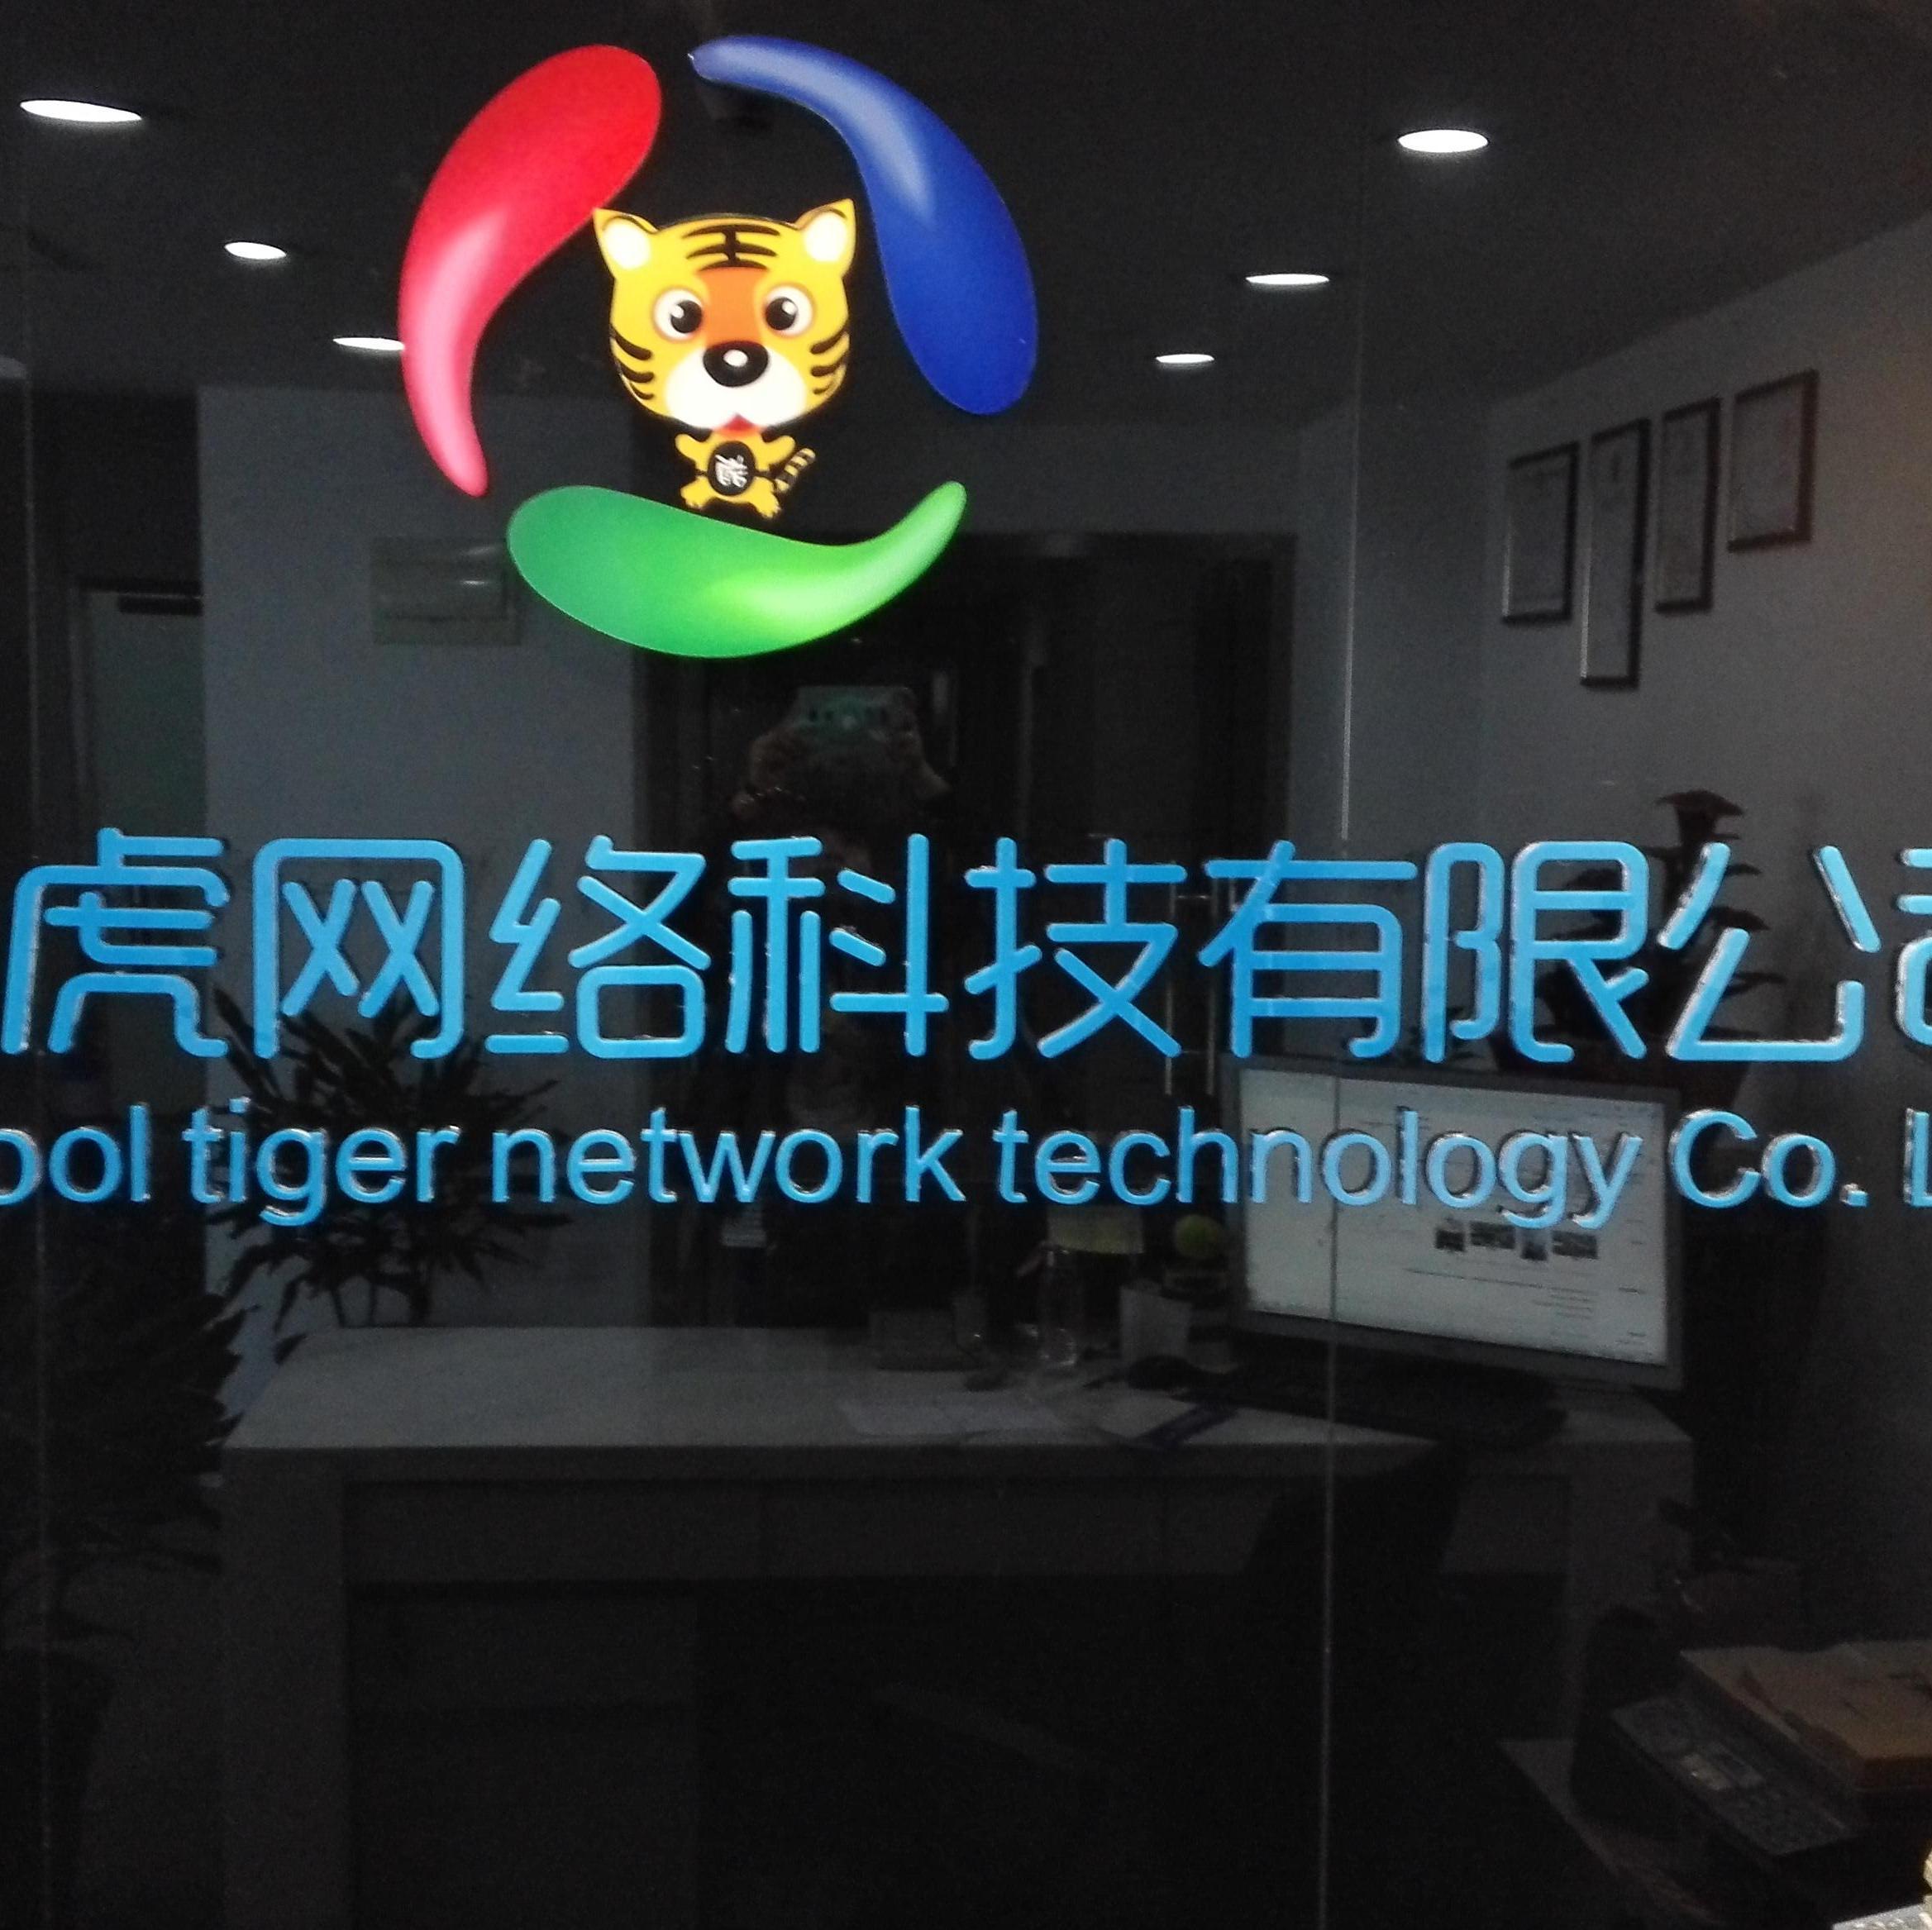 电话销售招聘-上海酷虎网络科技有限公司招聘